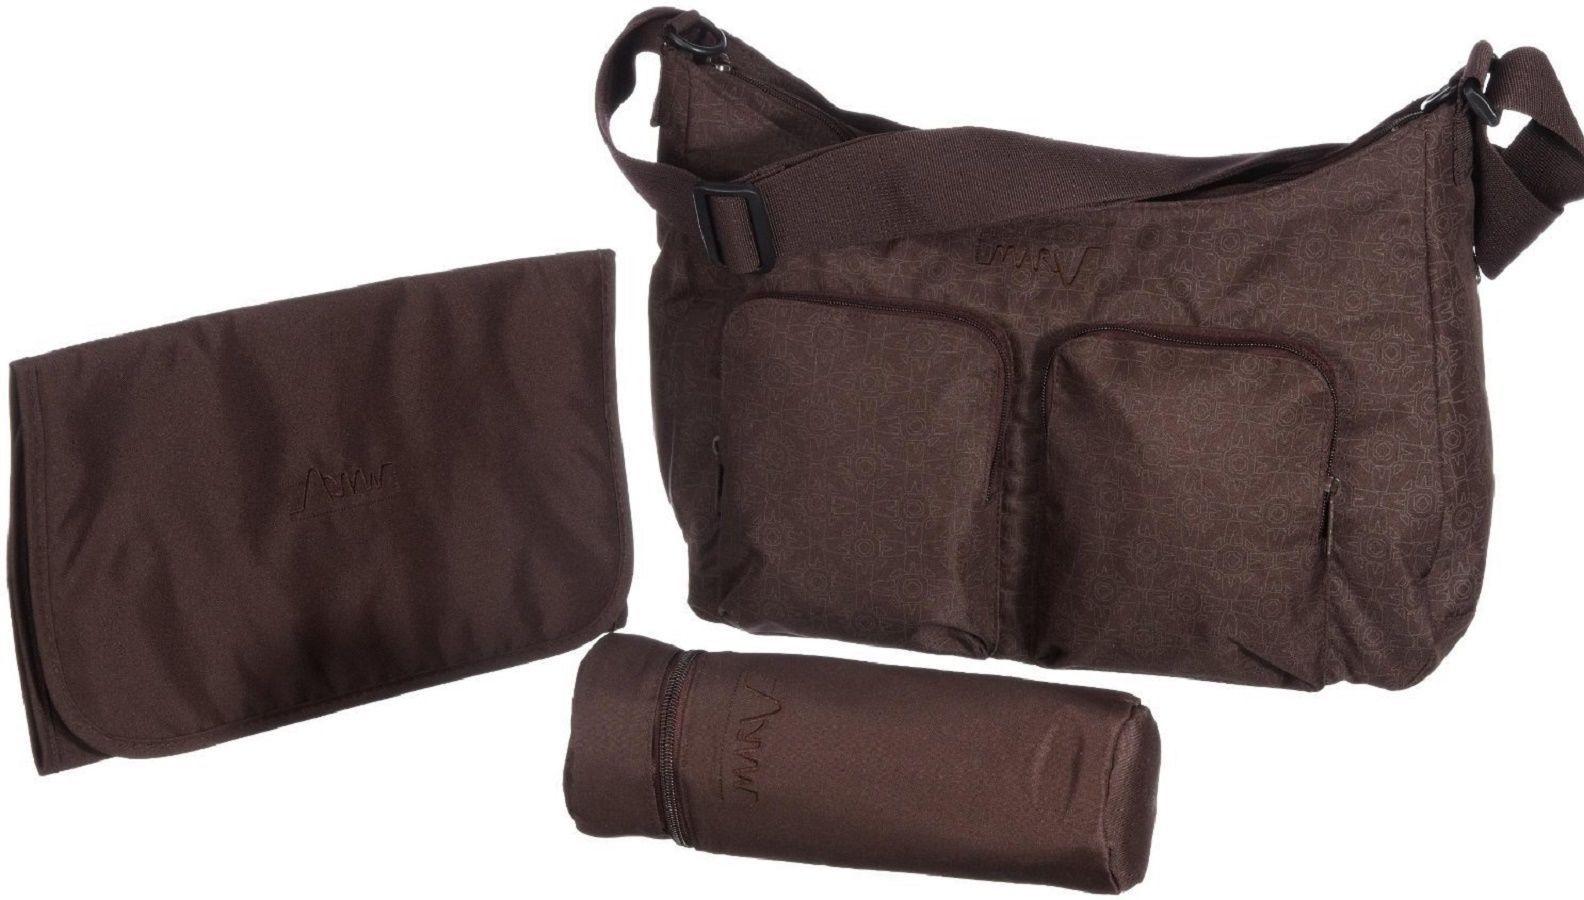 lassig diaper bag handbags and purses on bags. Black Bedroom Furniture Sets. Home Design Ideas